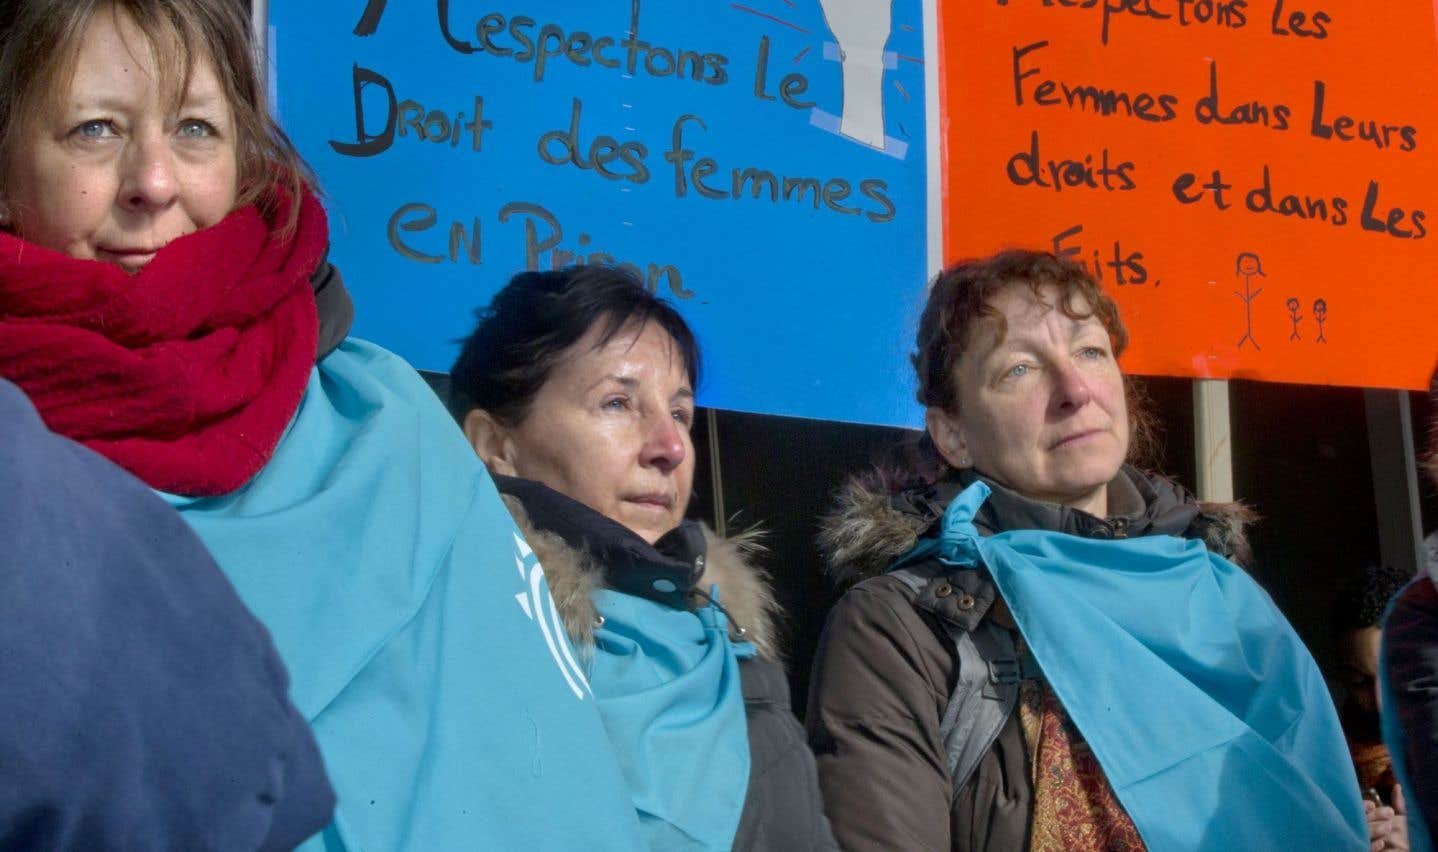 Une vingtaine de militantes ont tenu un point de presse devant le palais de justice de Montréal, jeudi, pour inciter le ministre de la Sécurité publique, Martin Coiteux, à trouver au plus vite une solution à la détention des femmes à Montréal.